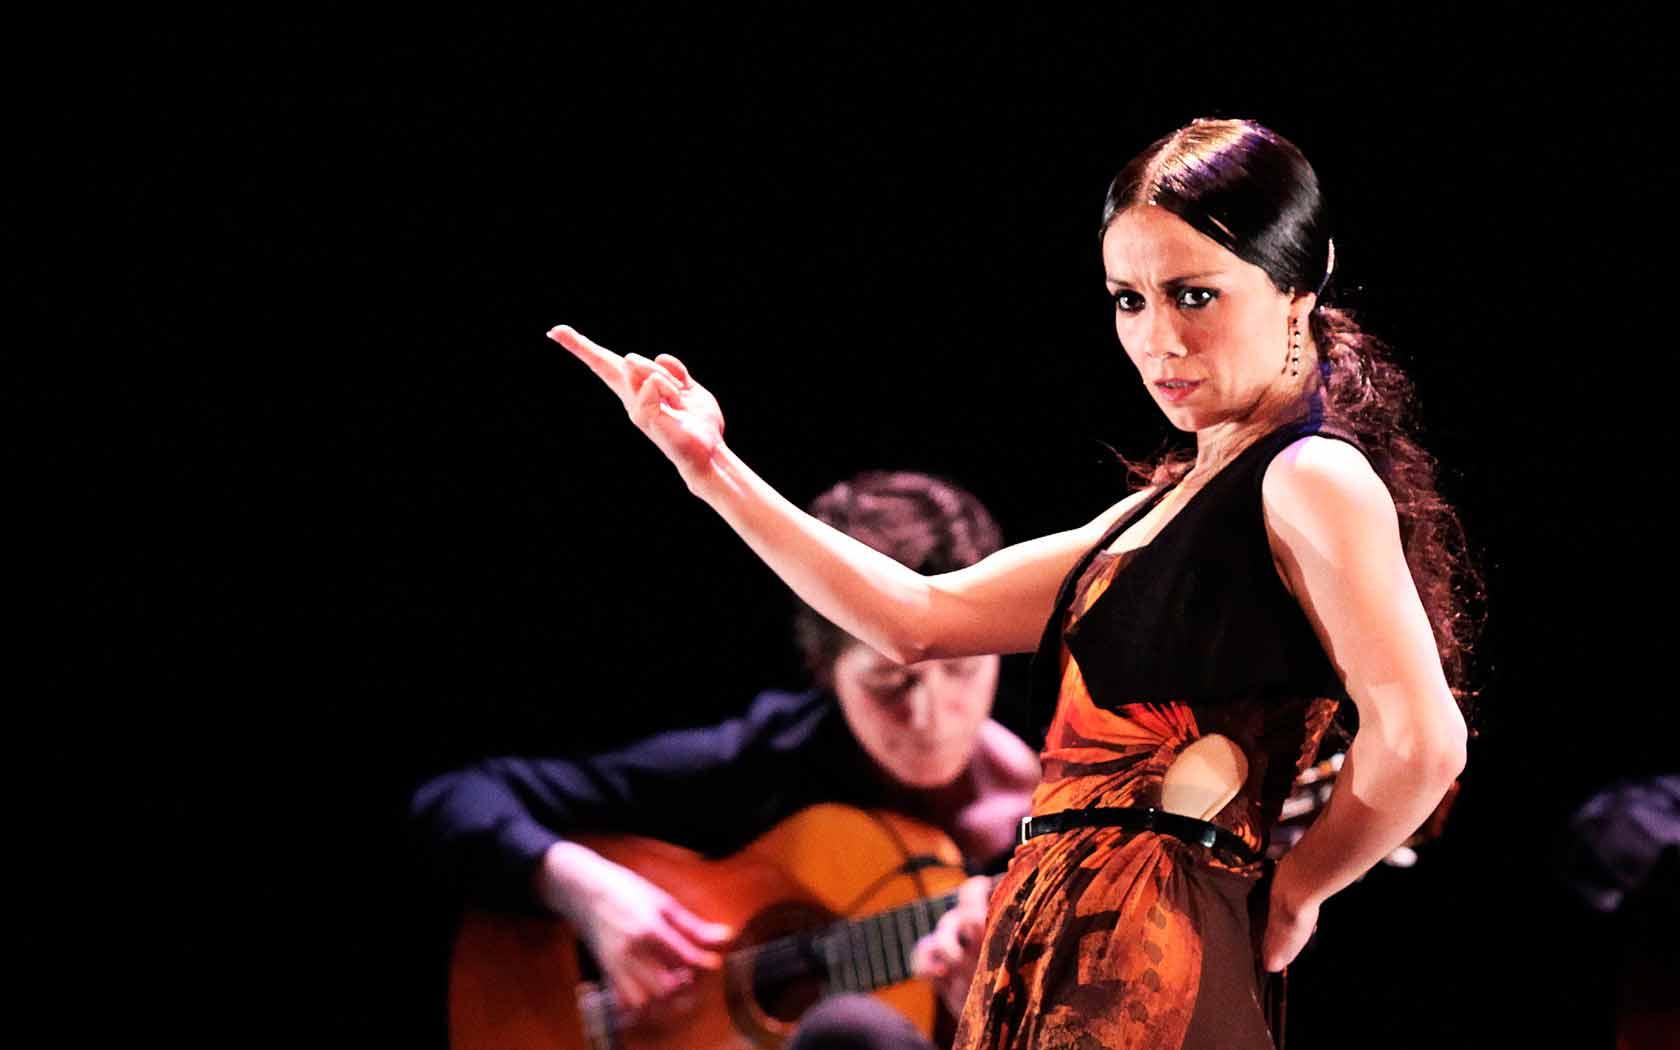 La bailaora cordobesa Olga Pericet, durante una actuación.